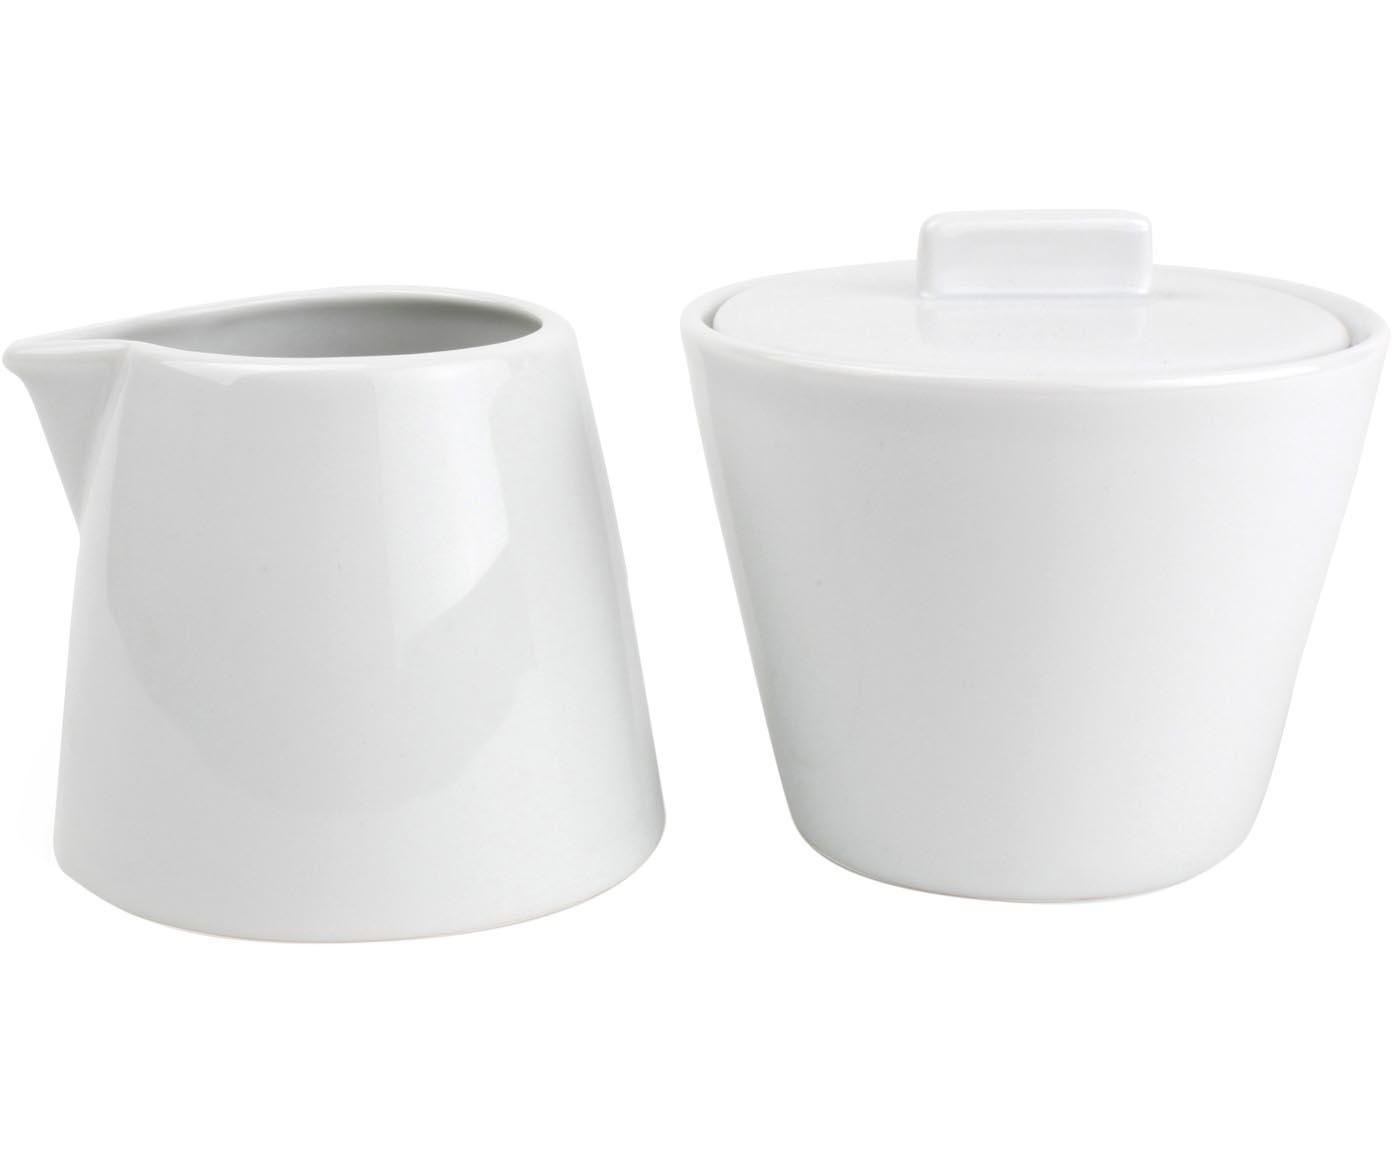 Milch- & Zucker-Set Stripeless, 2-tlg., Porzellan, Weiß, Sondergrößen